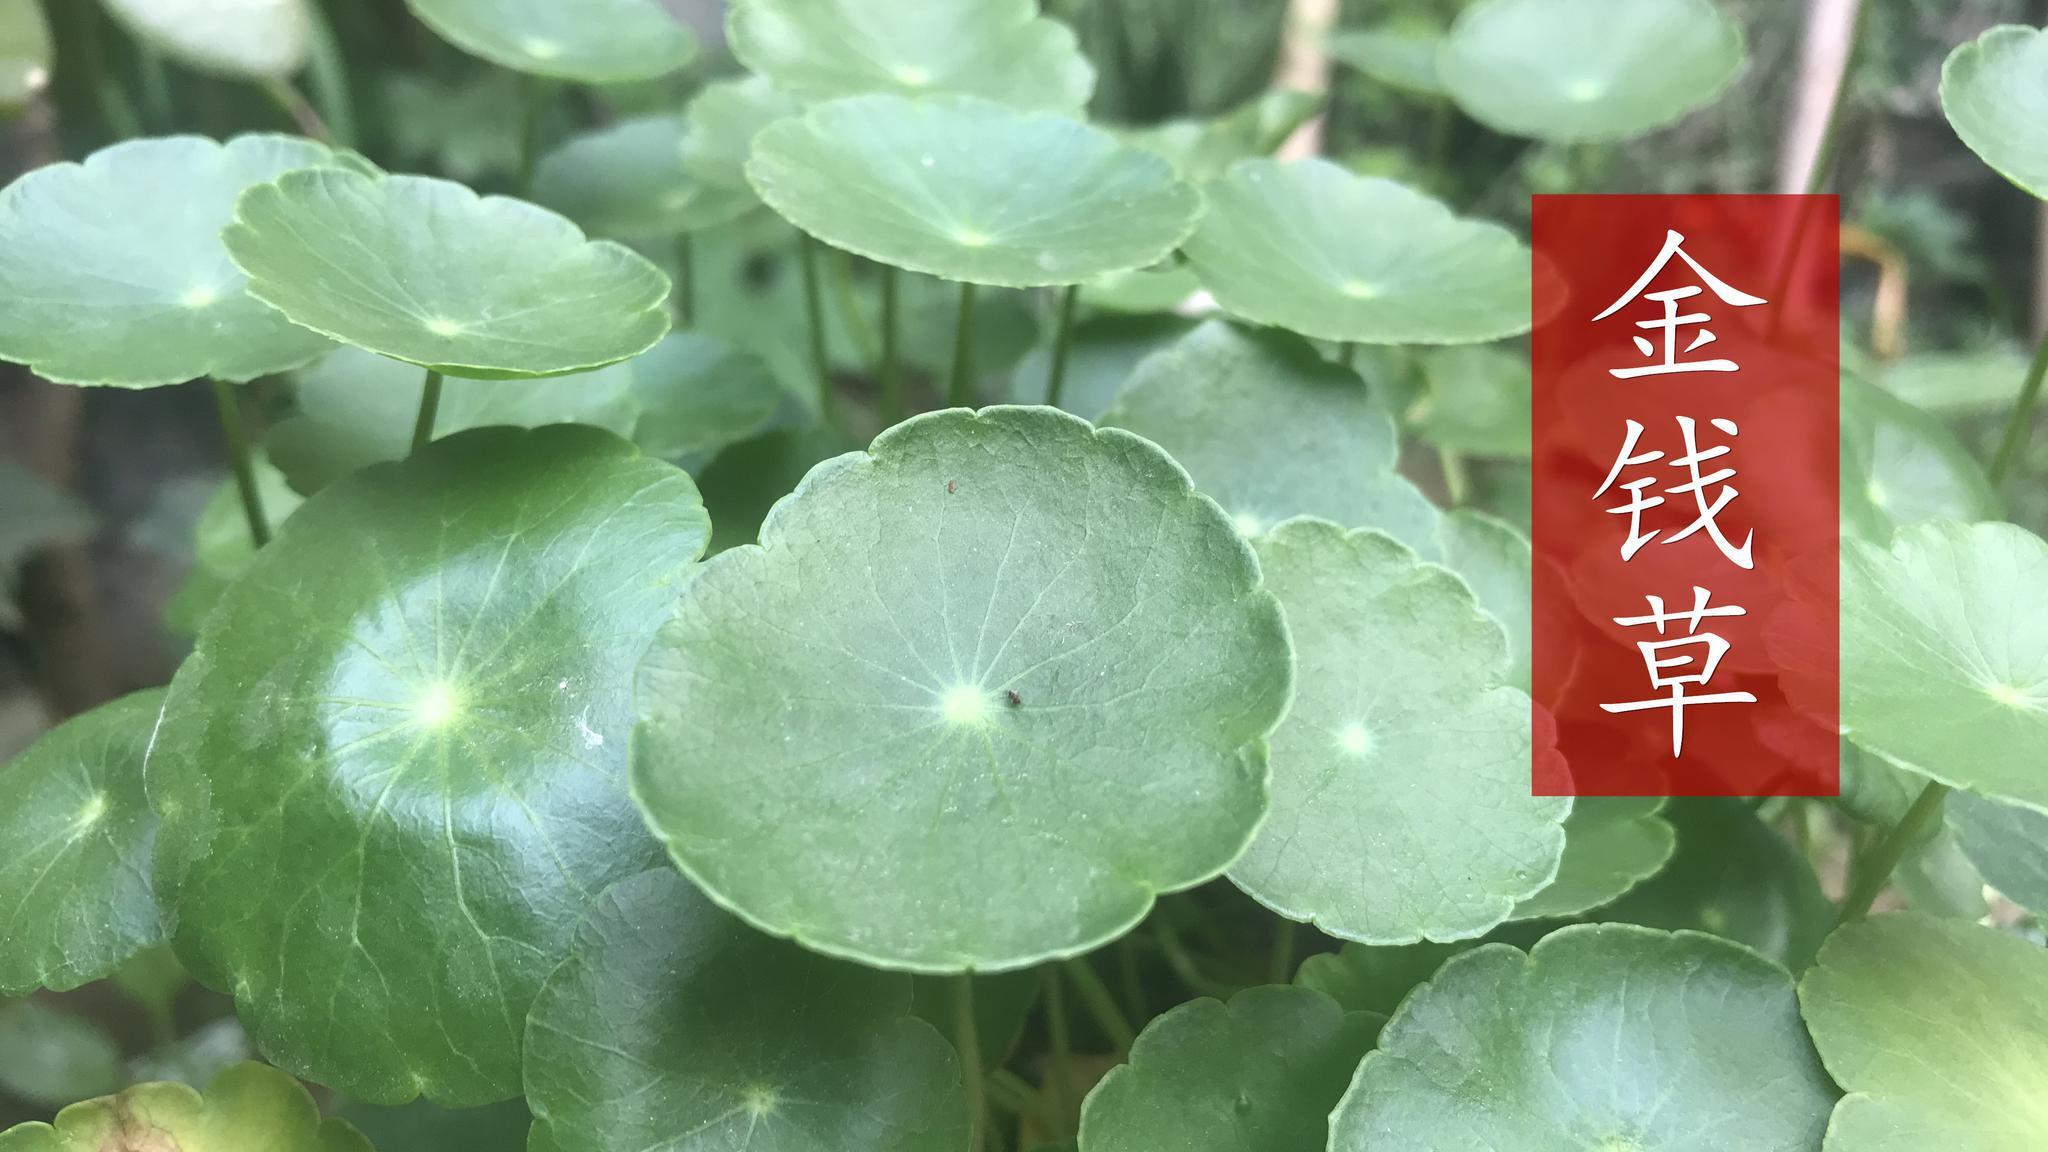 植物金钱草,叶片酷似铜钱,用于预防结石和利胆排石,你认识吗